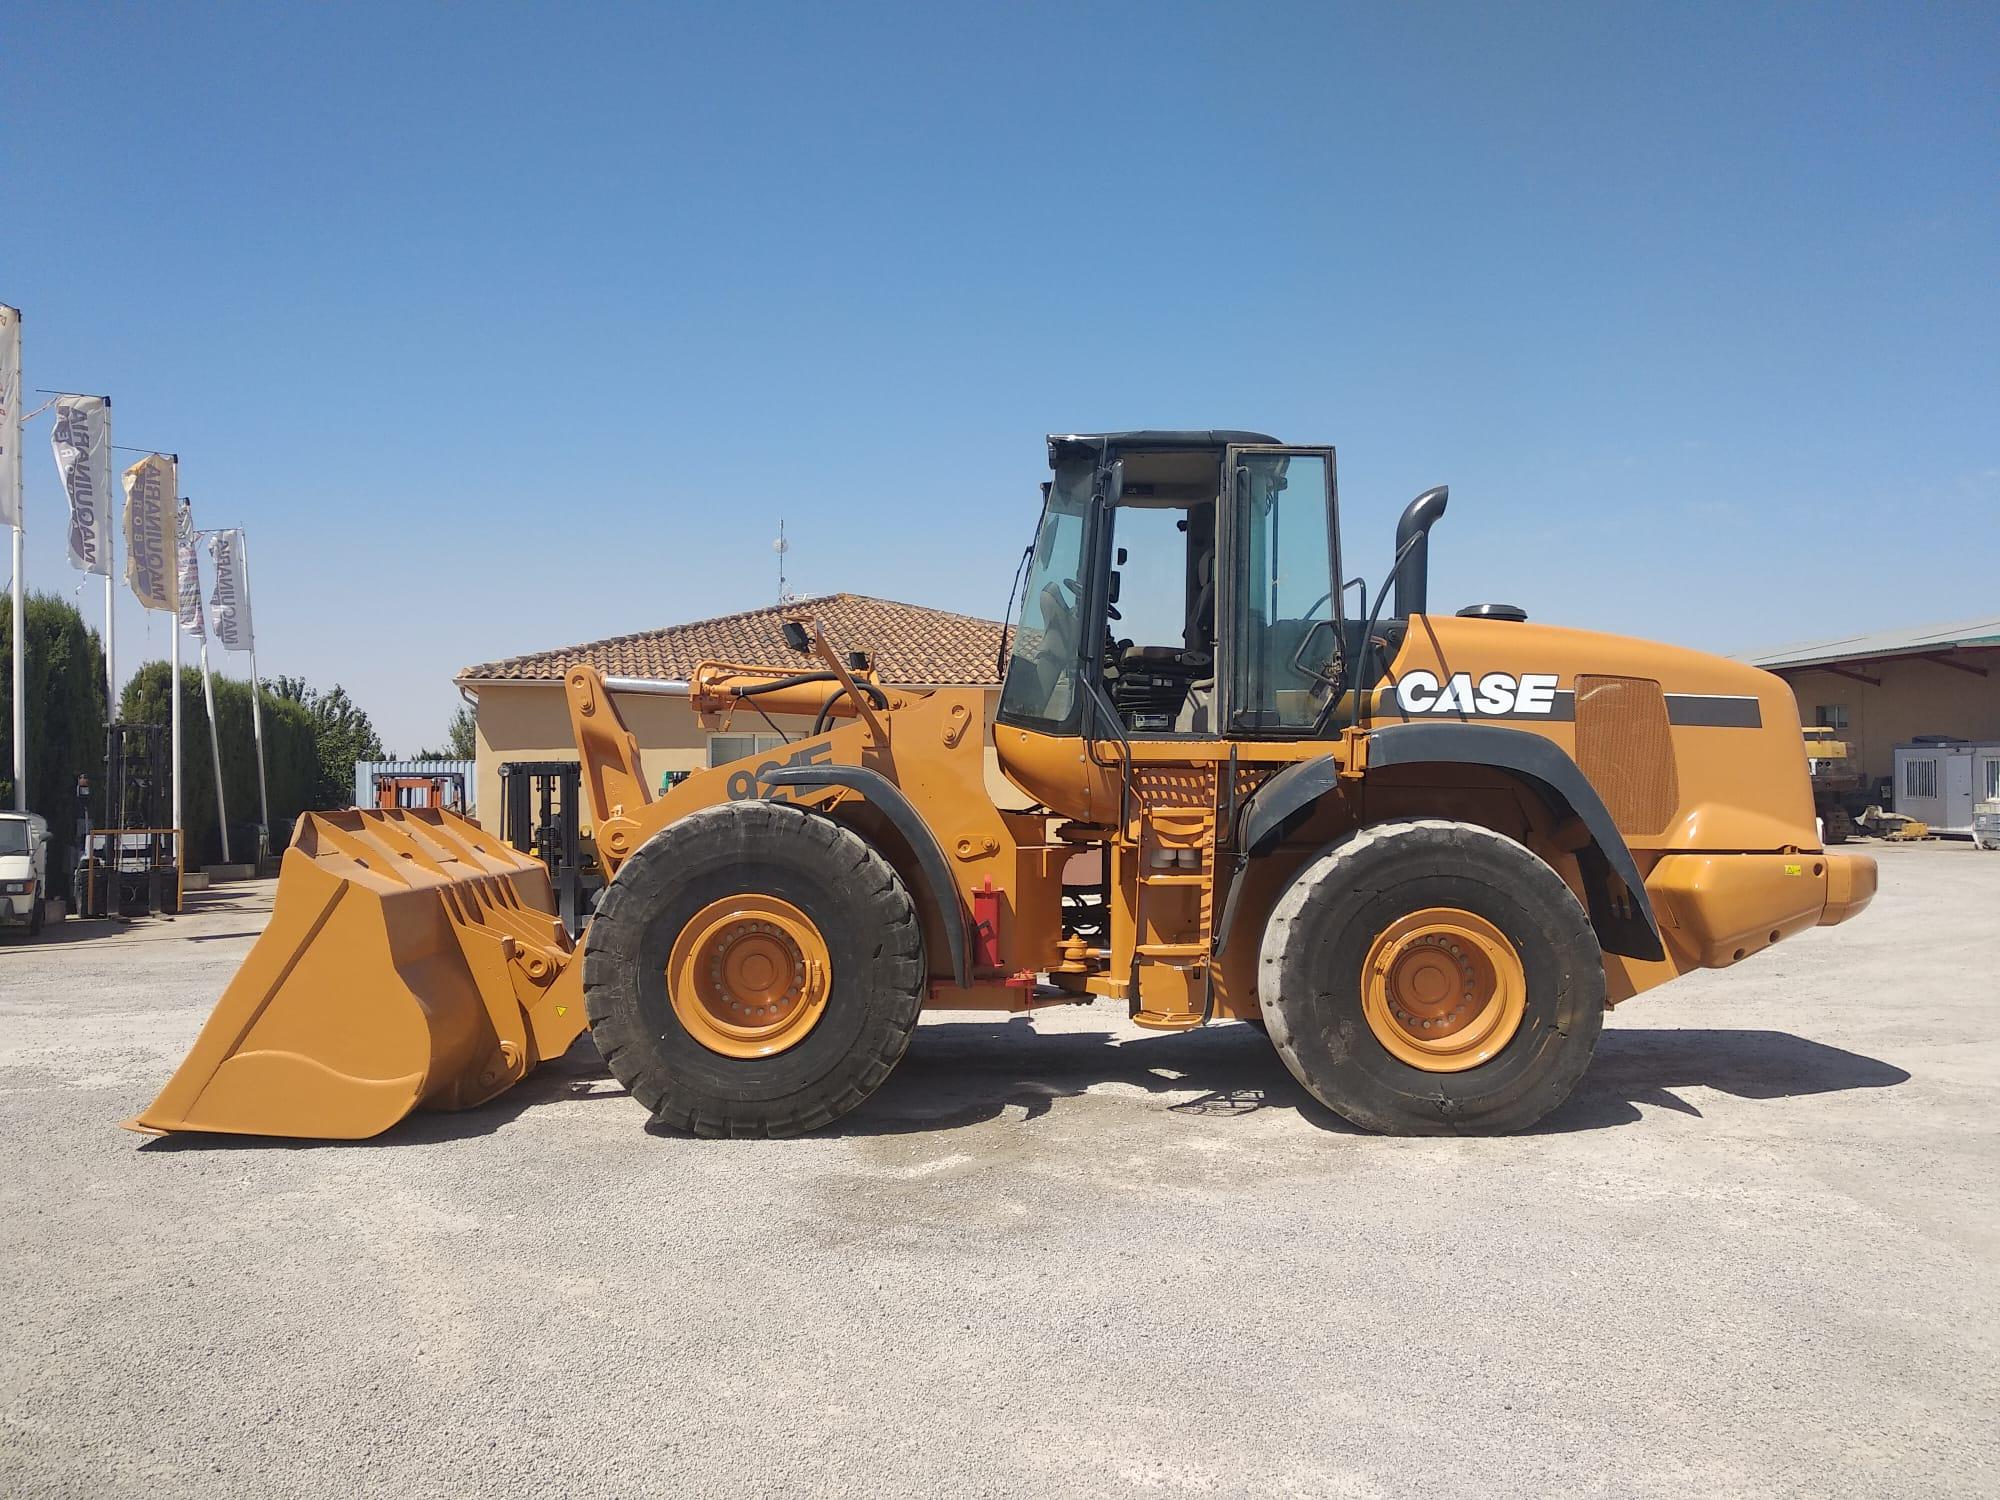 2011-case-921e-equipment-cover-image